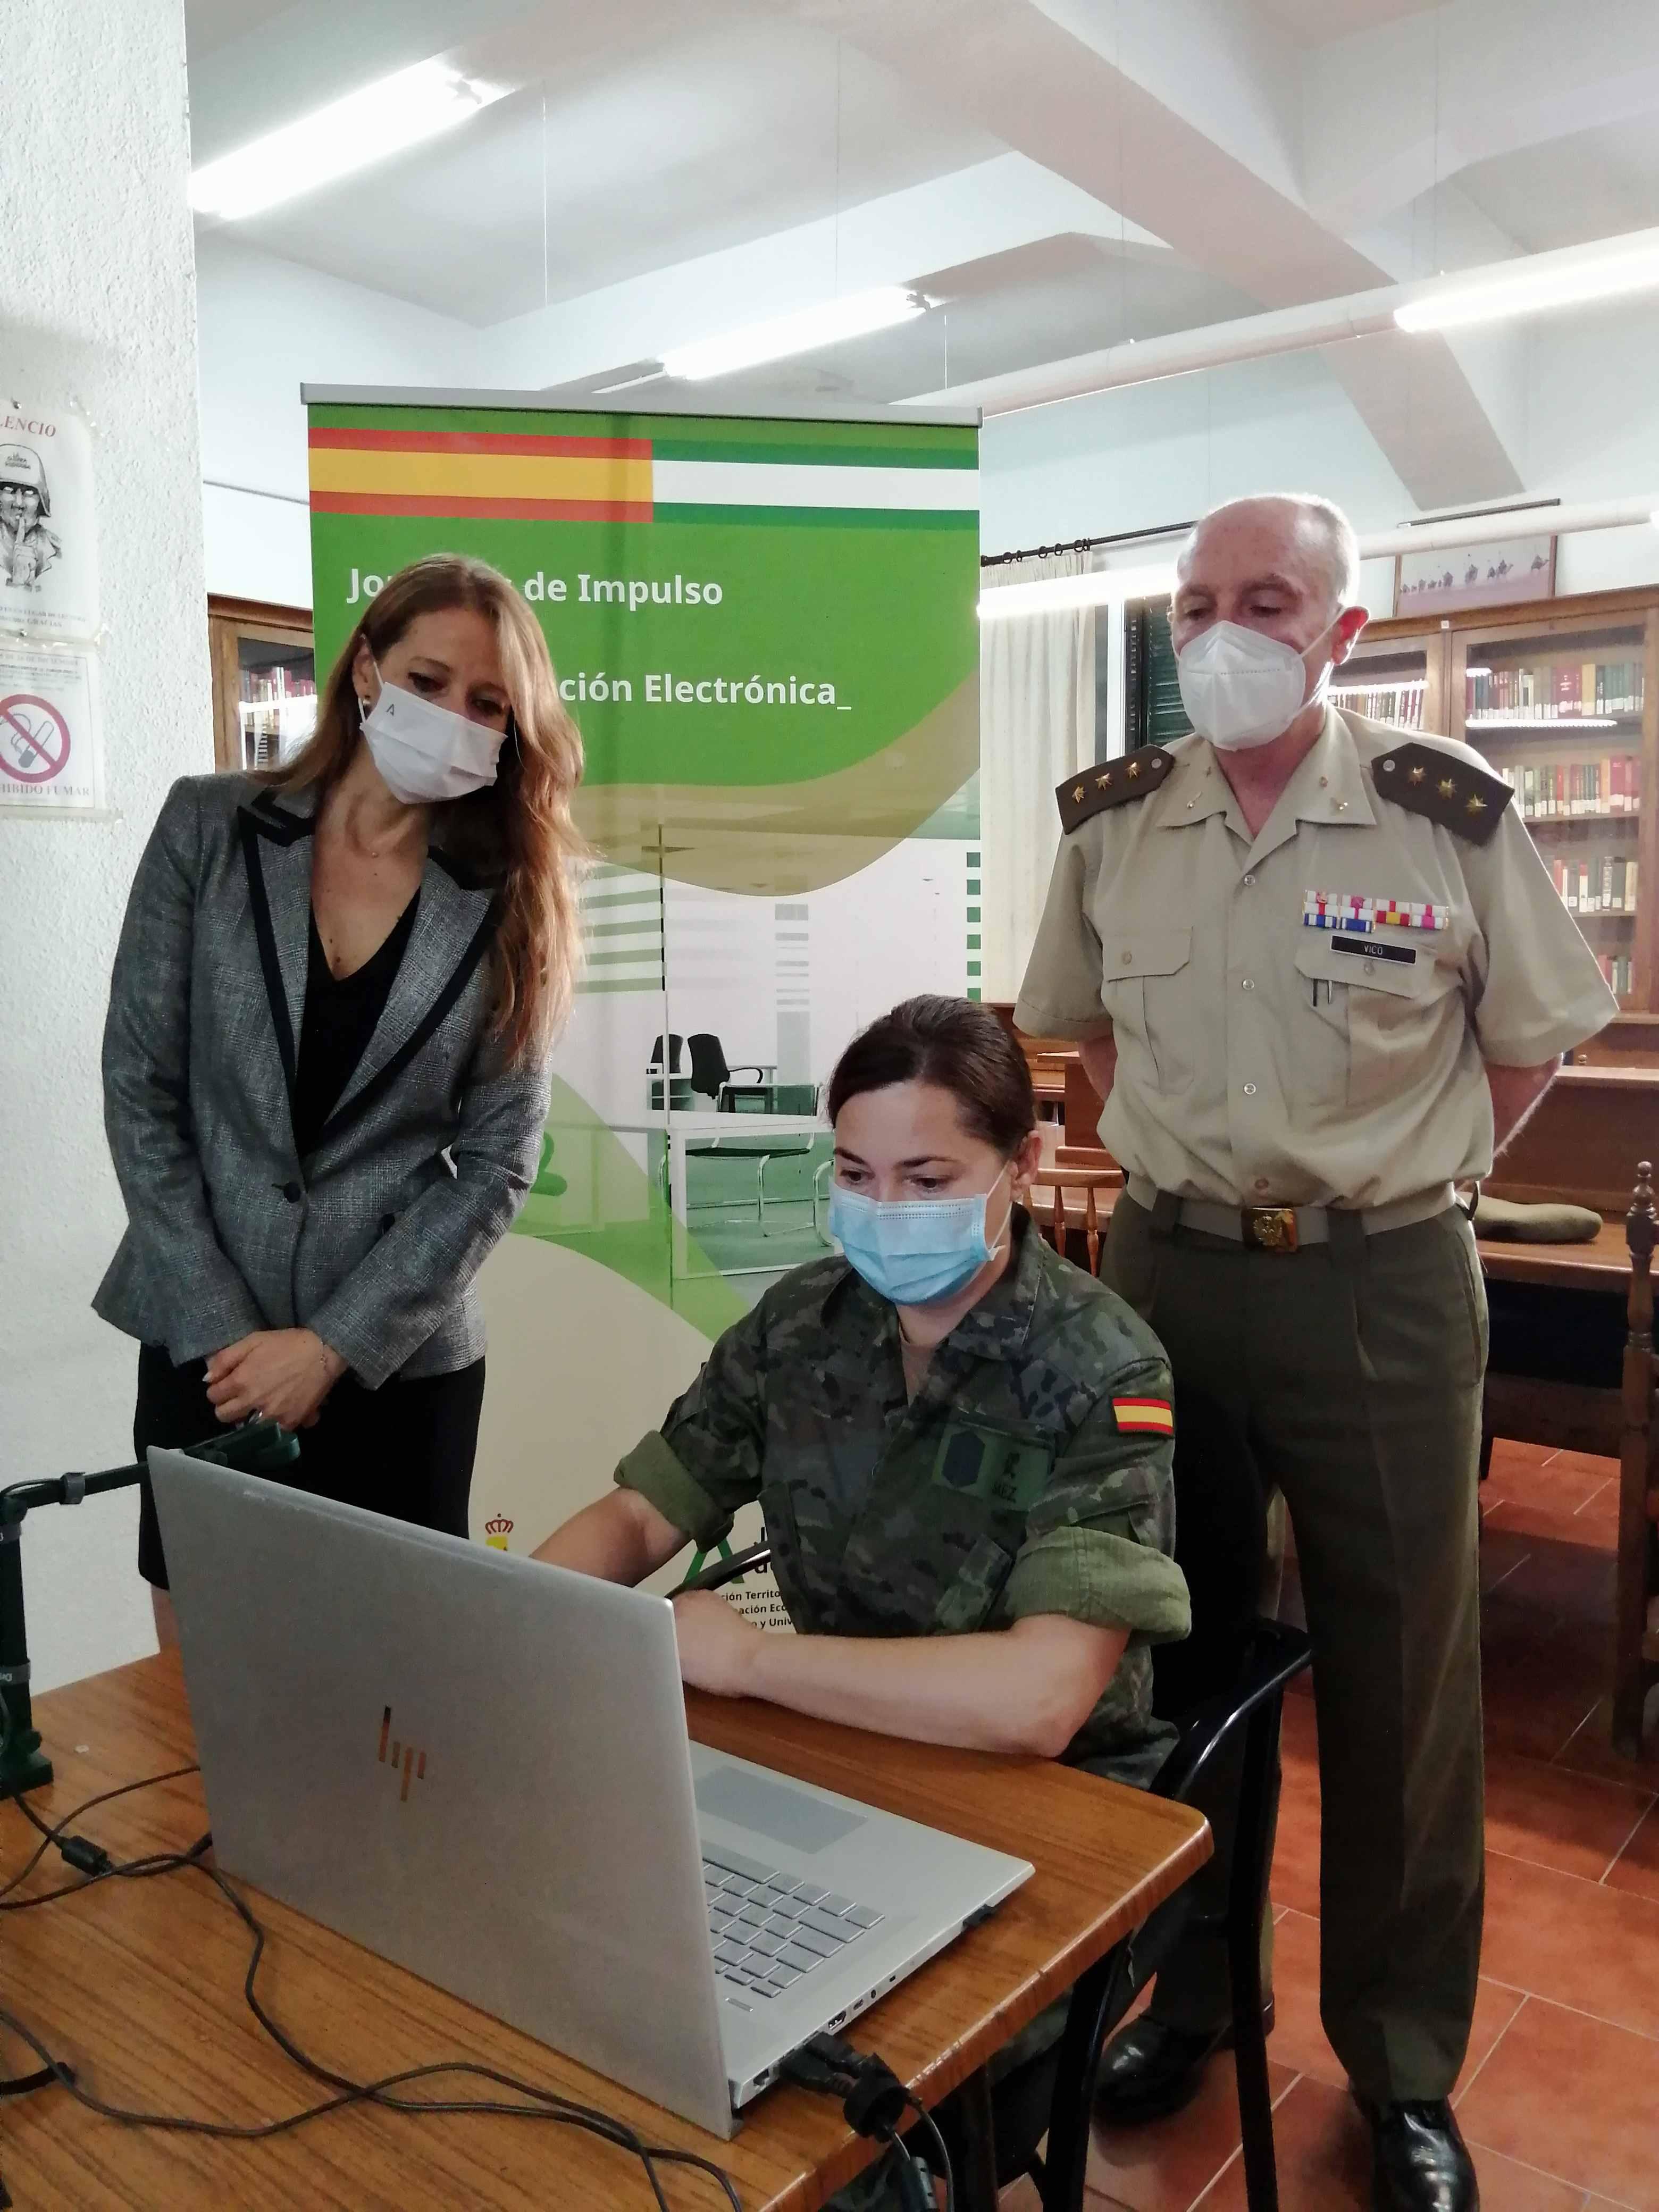 Junta y Ejército activan una iniciativa para difundir las ventajas de los servicios digitales de las administraciones